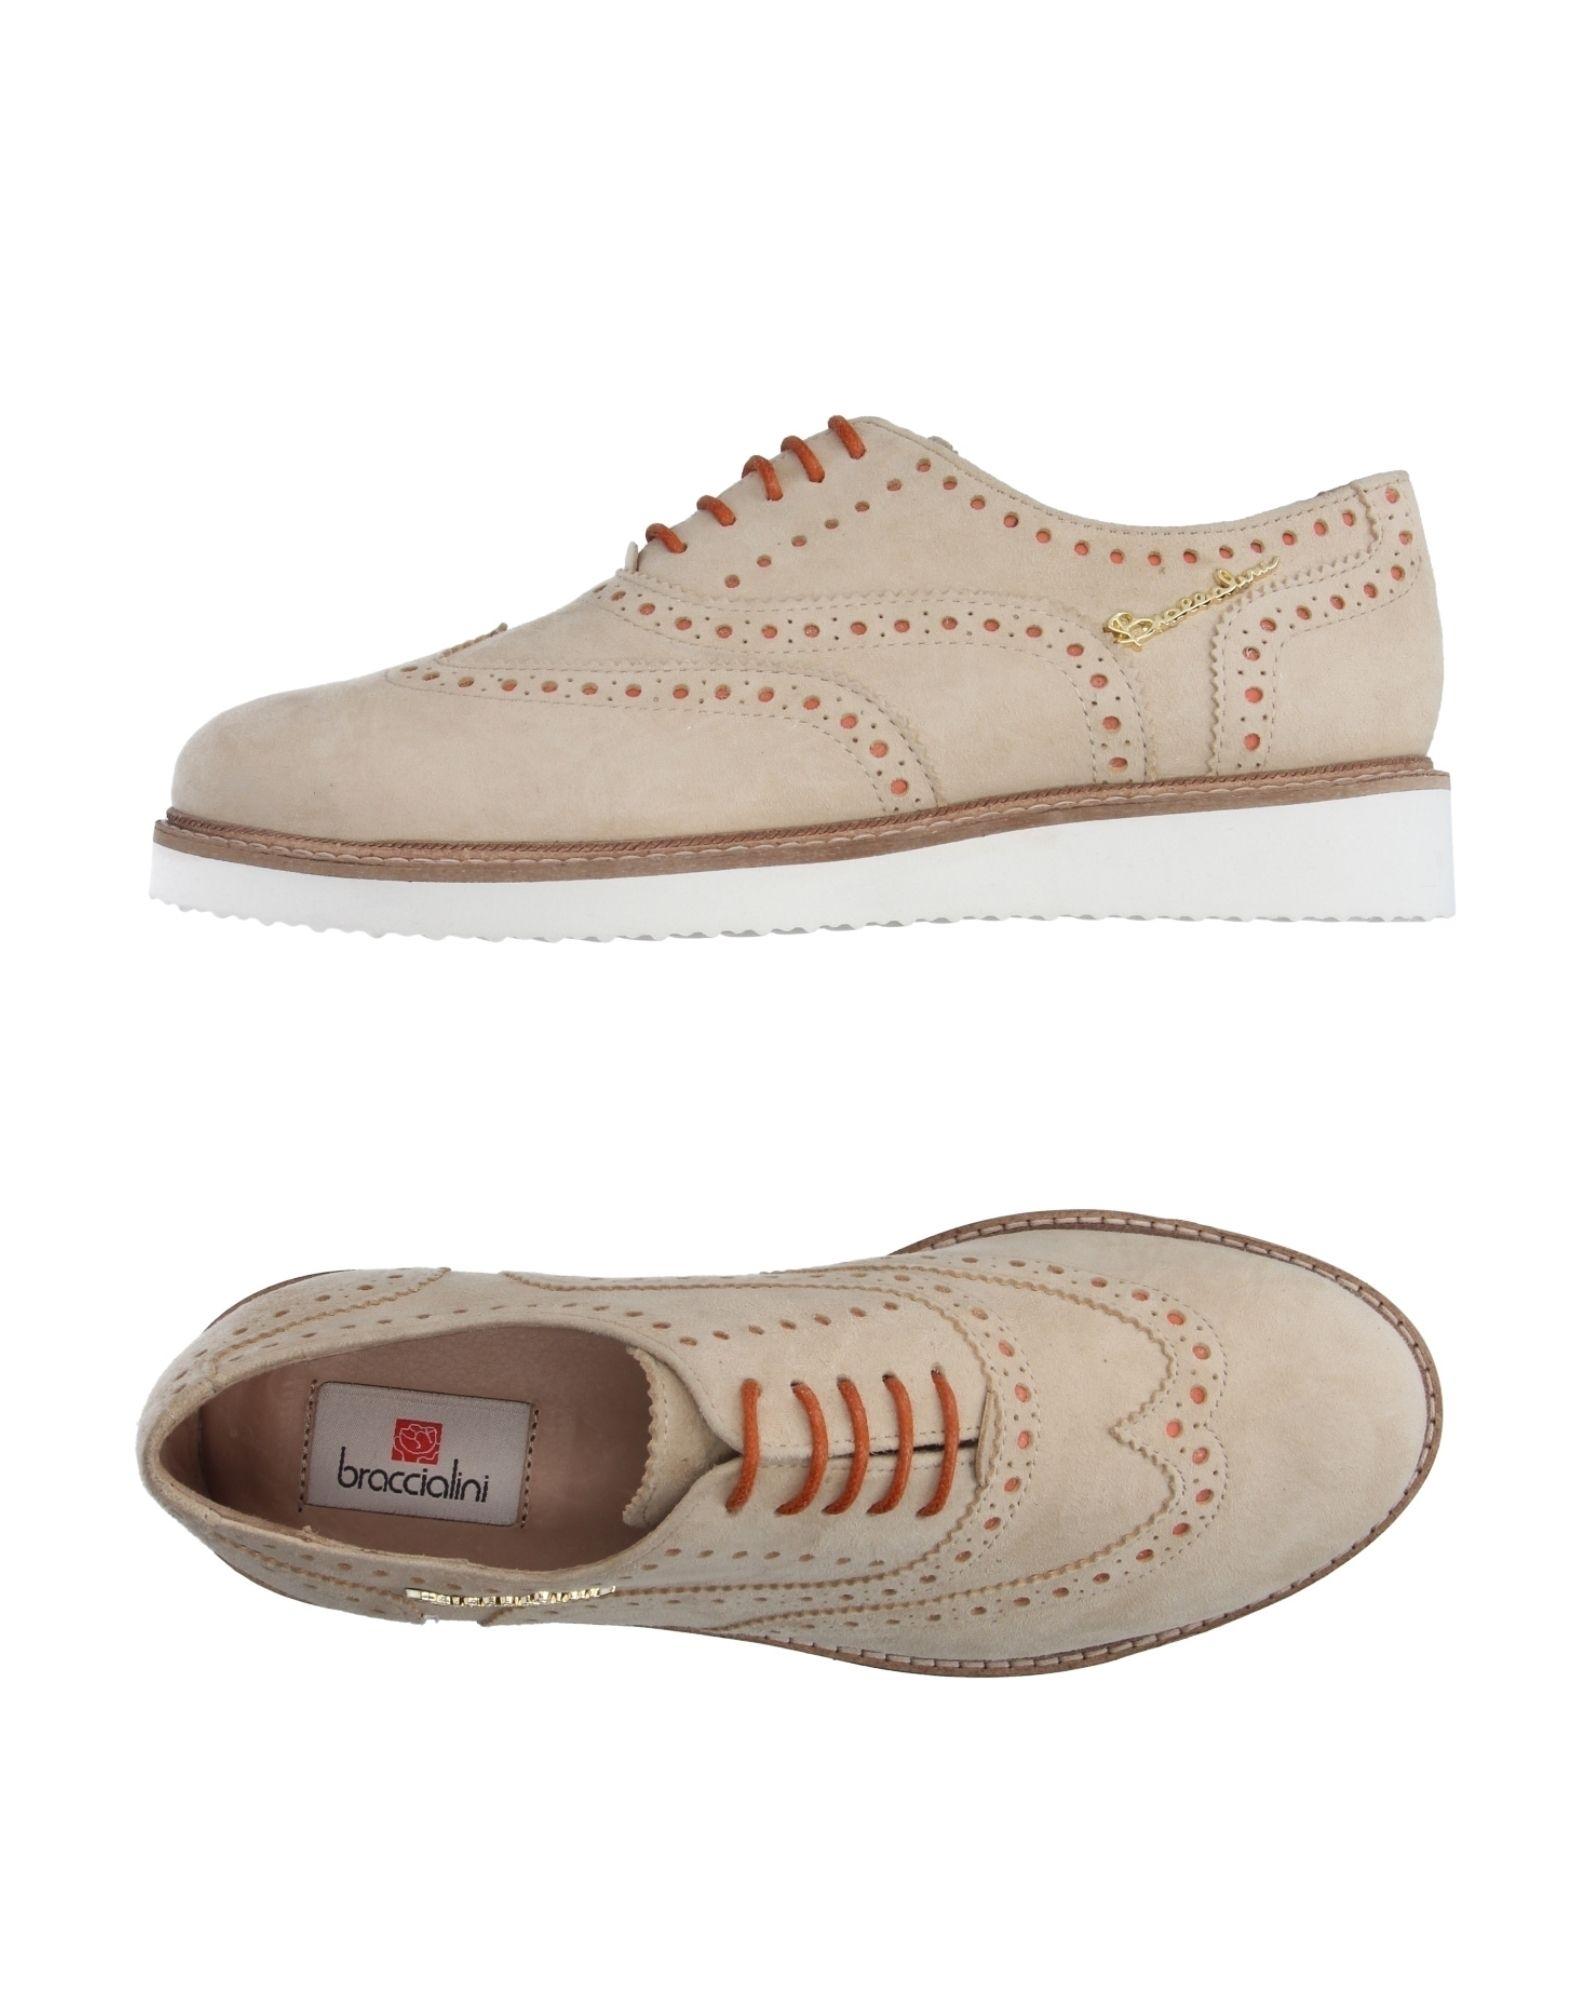 braccialini female braccialini laceup shoes